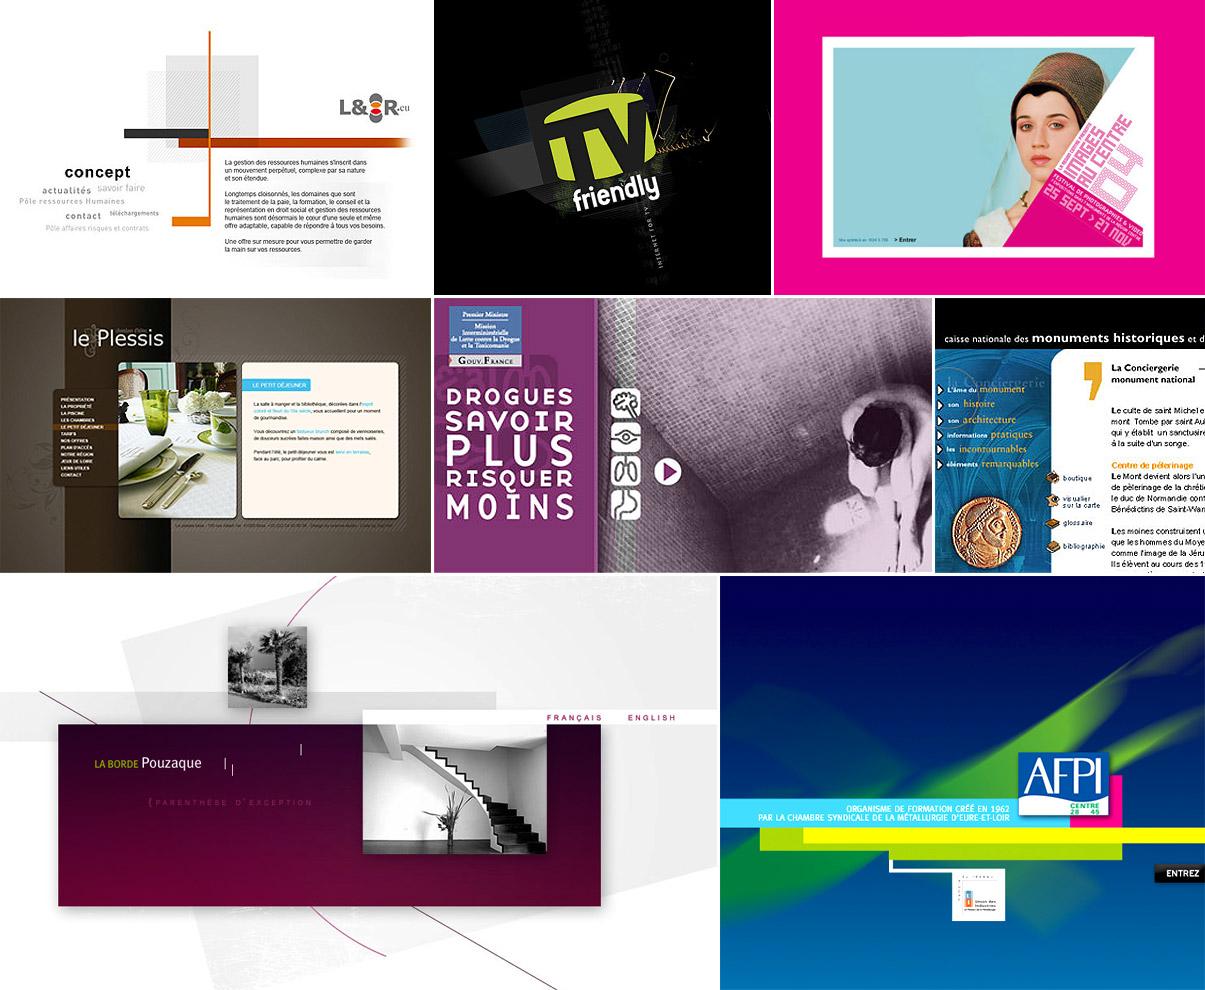 Legal & resource - TV Friendly - Images au Centre - Le Plessis Blois - Drogue Savoir Plus - Caisse Nationale des monuments historiques - La Borde Pouzaque - Afpi Centre